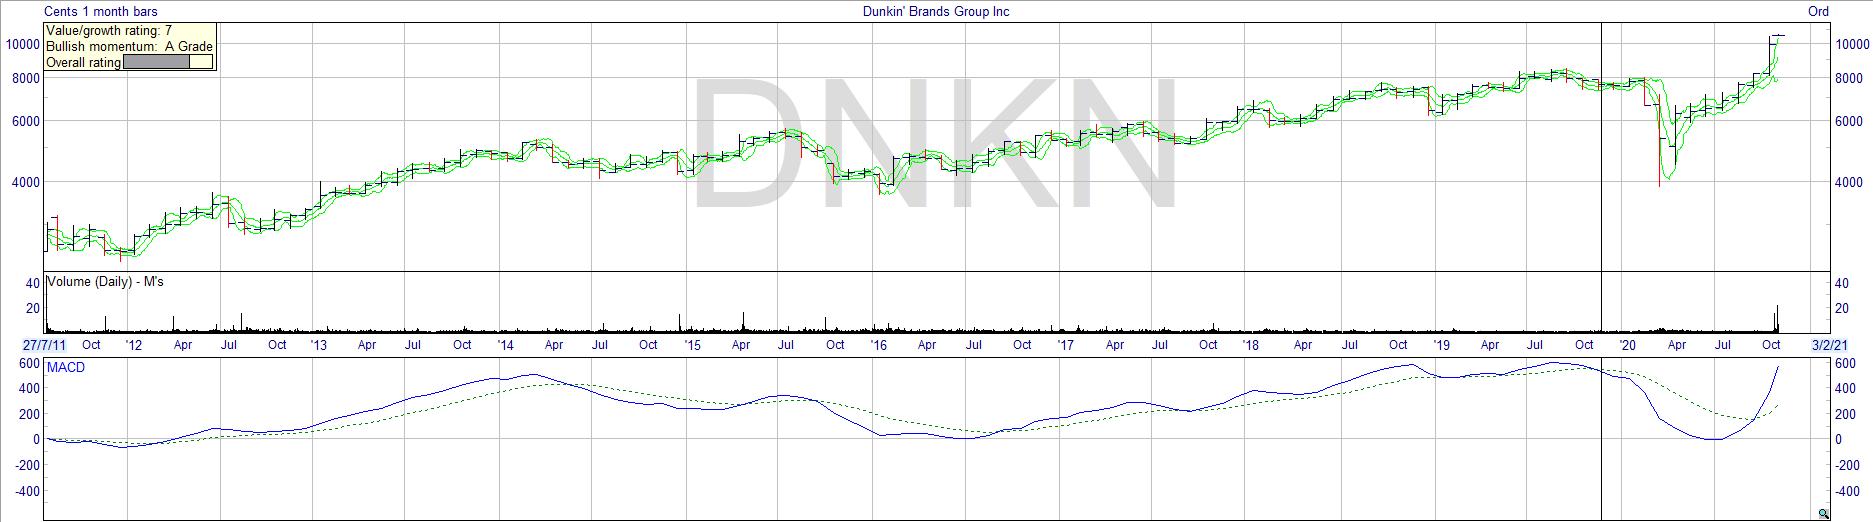 dunkin_brands_chart_stock_performance